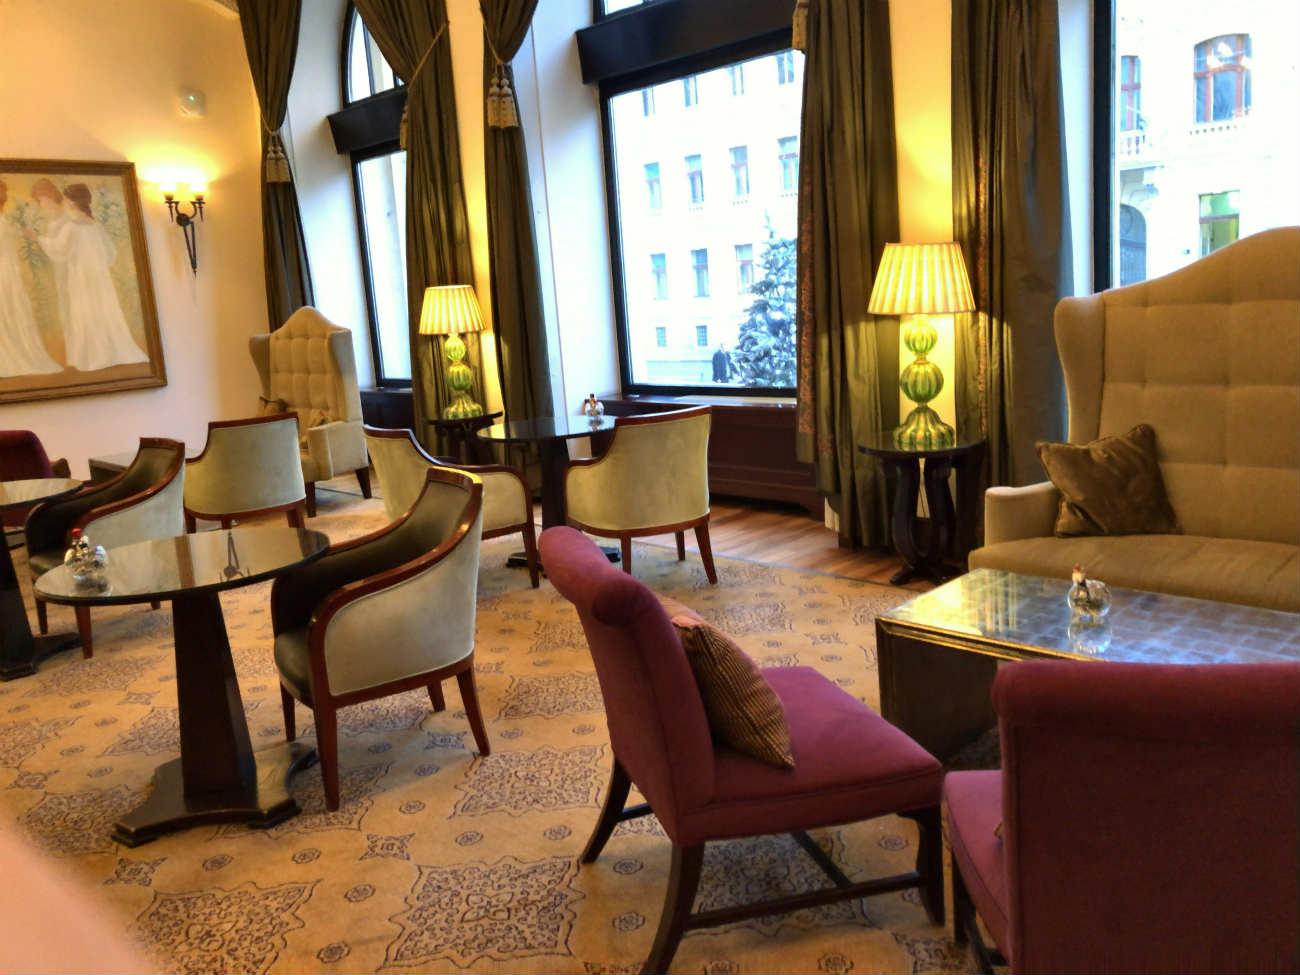 ホテル エスプレナーデのロビー